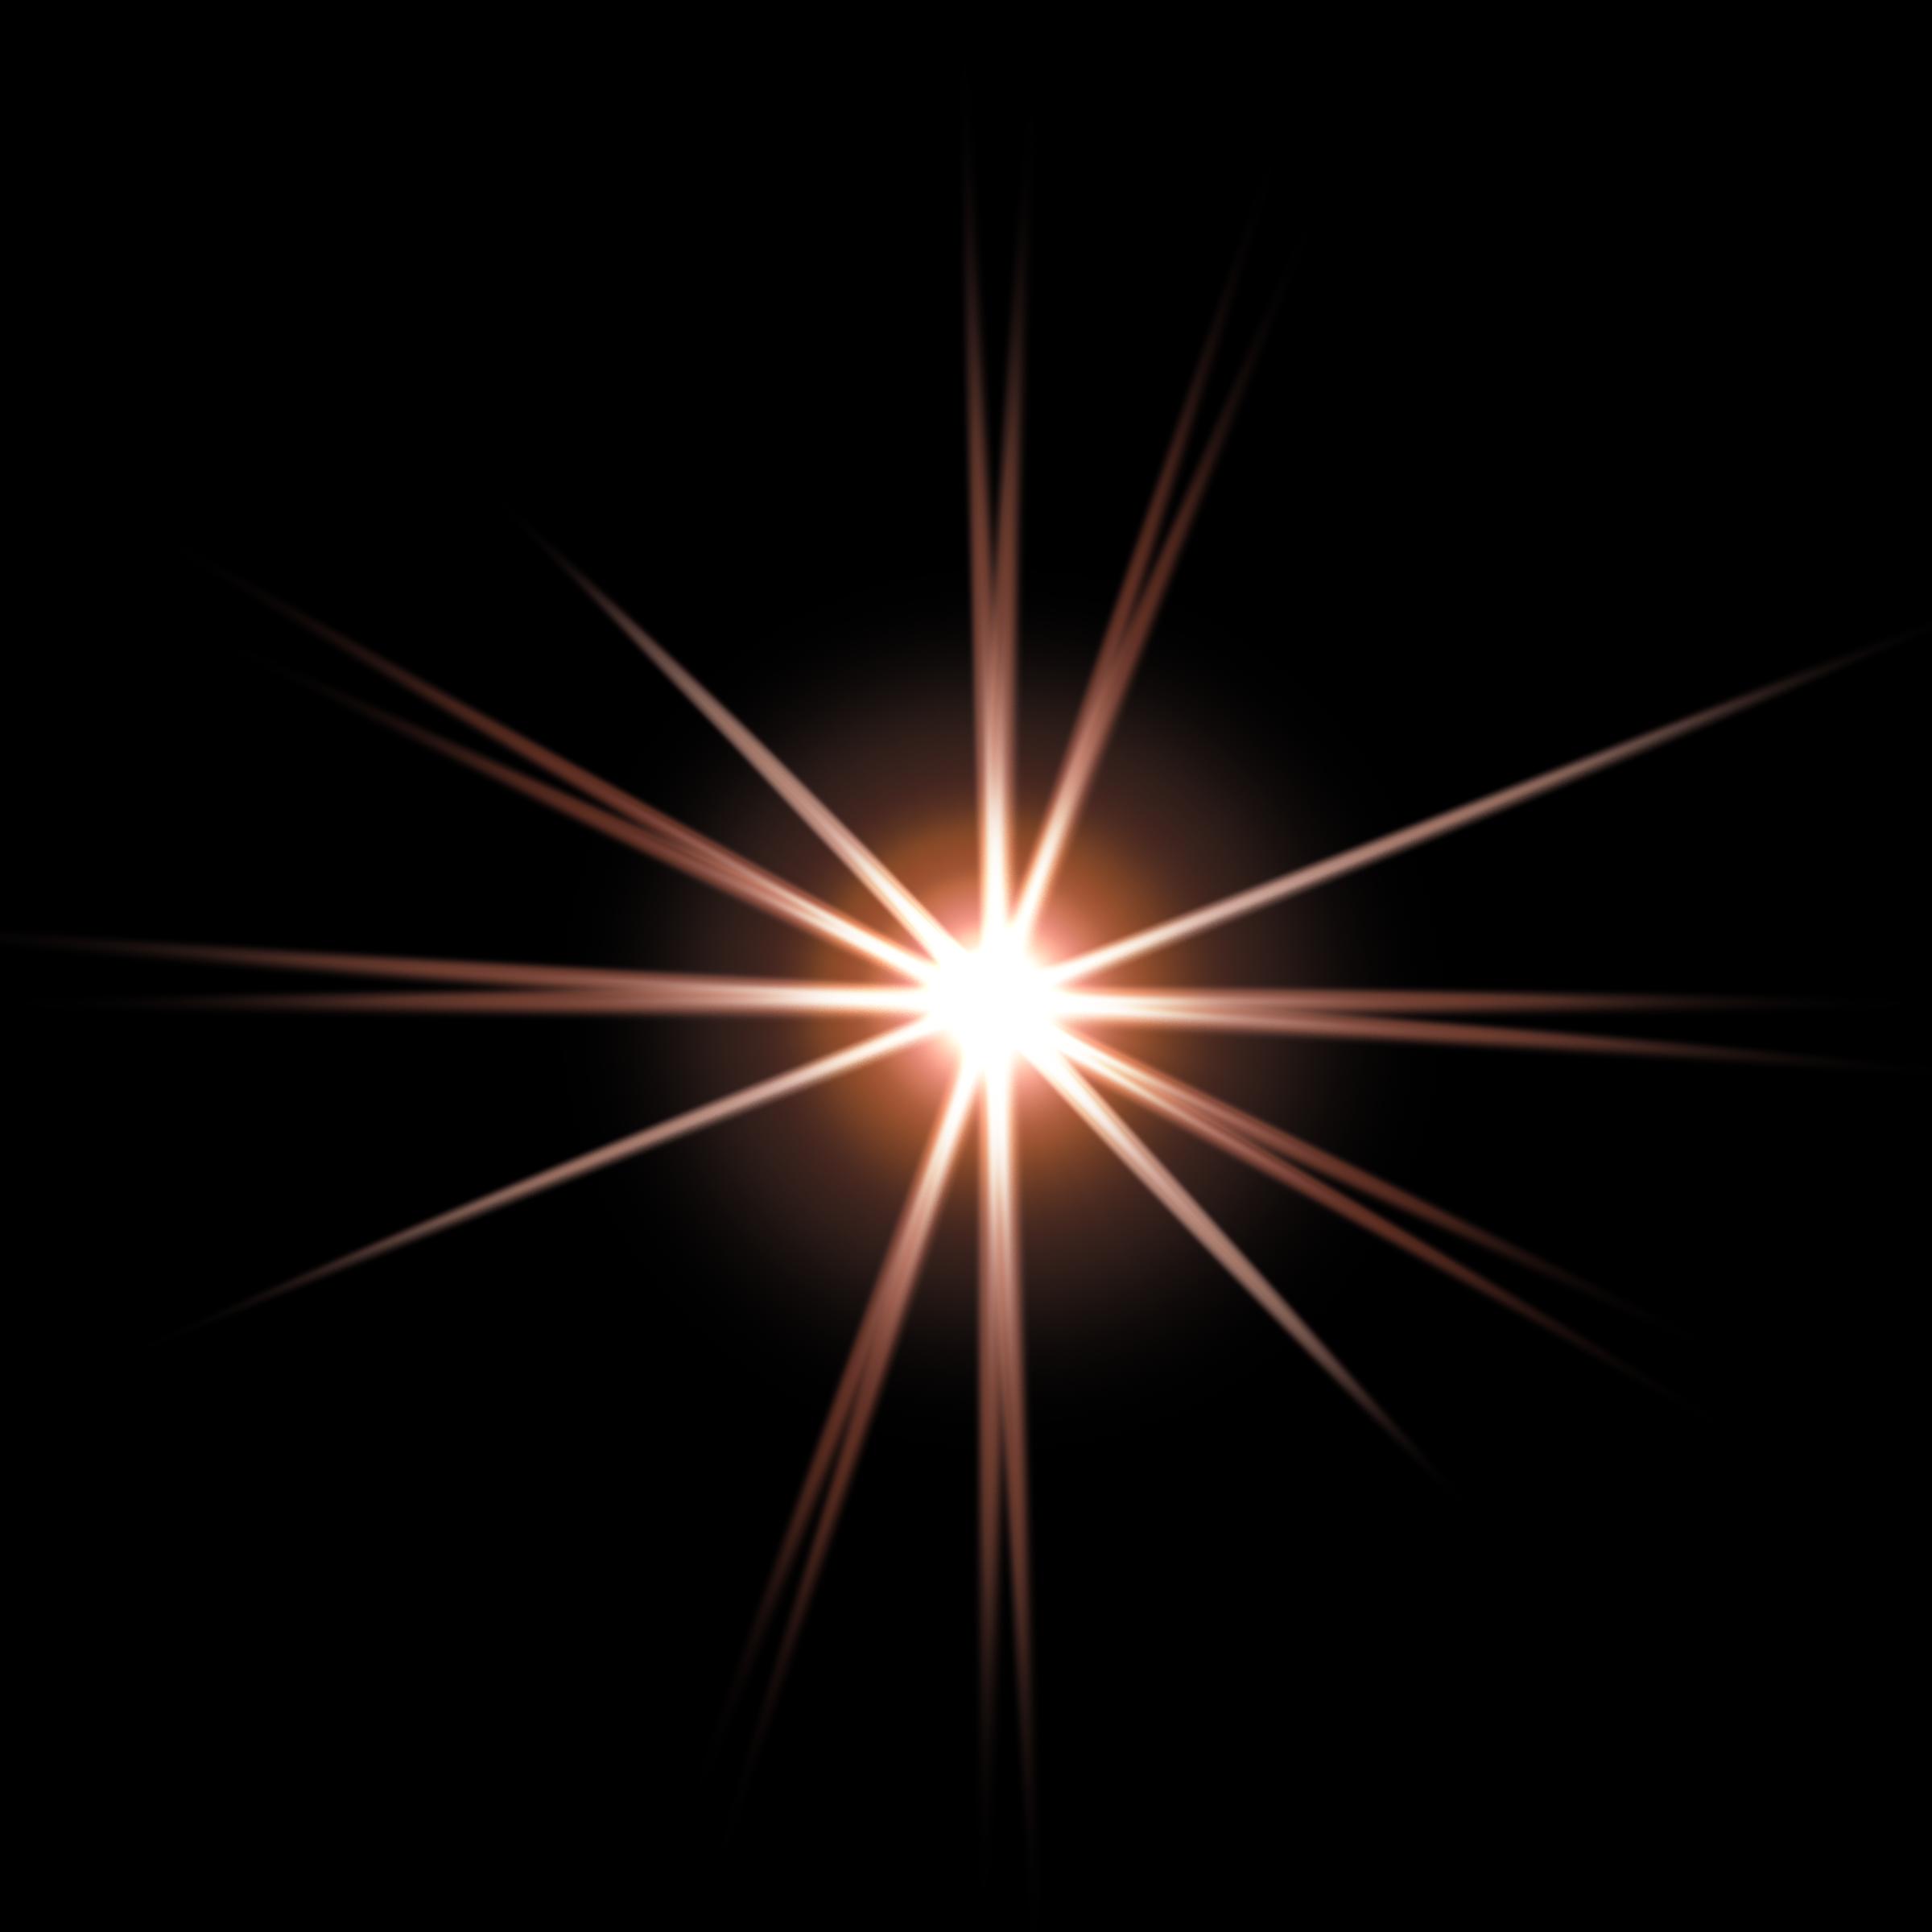 Starburst PNG HD - 128543